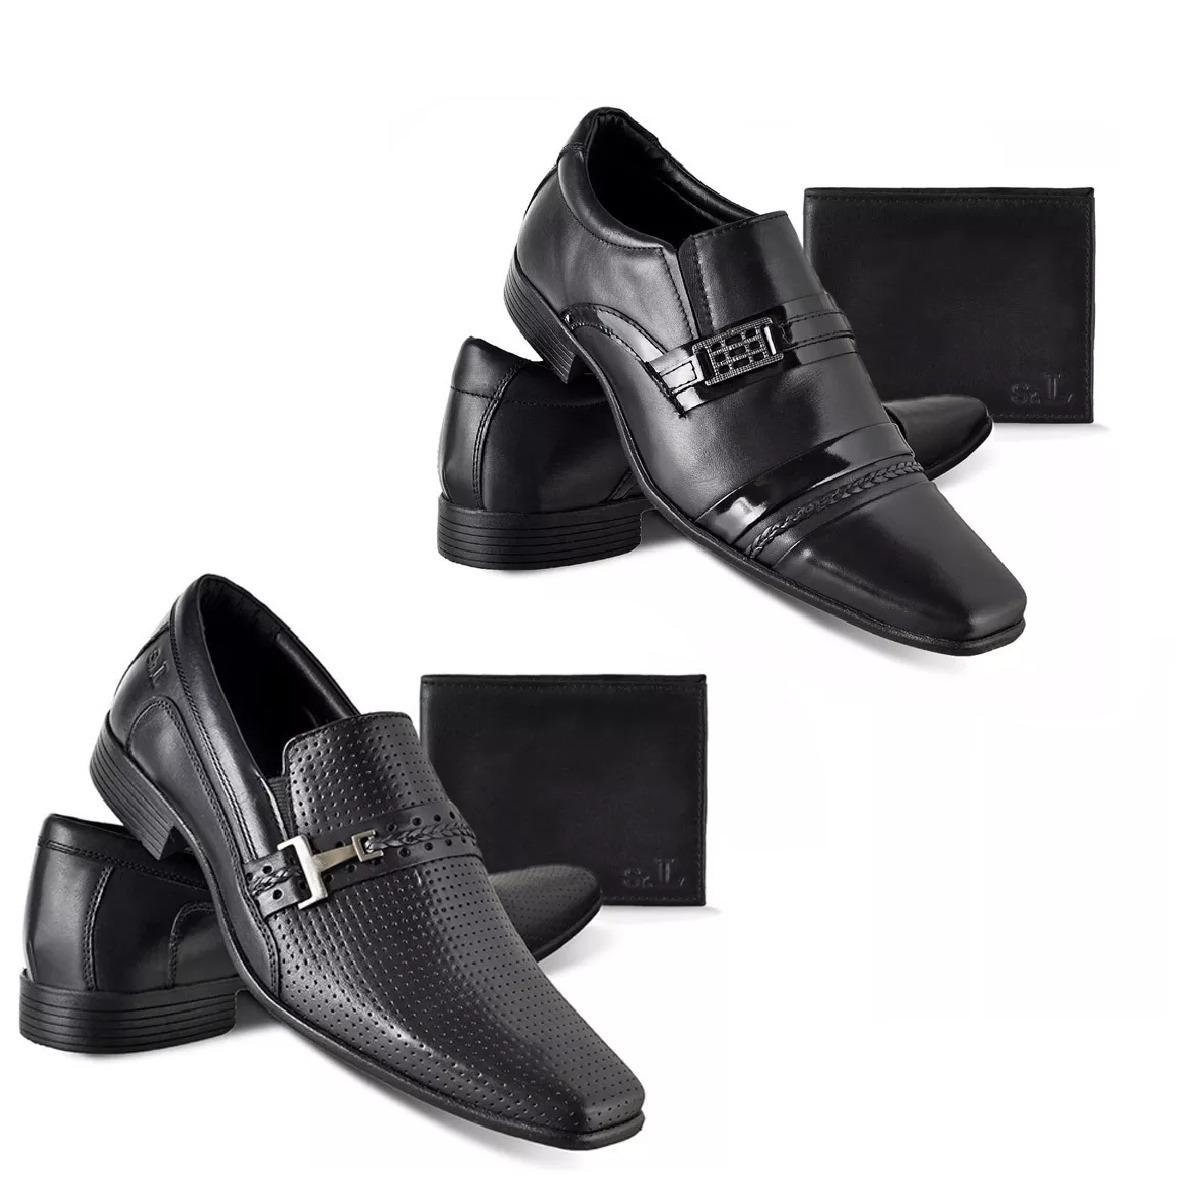 947103d7b Kit 4 Sapatos Social (atacado) Em Couro Legítimo+ 4 Carteir - R$ 249 ...